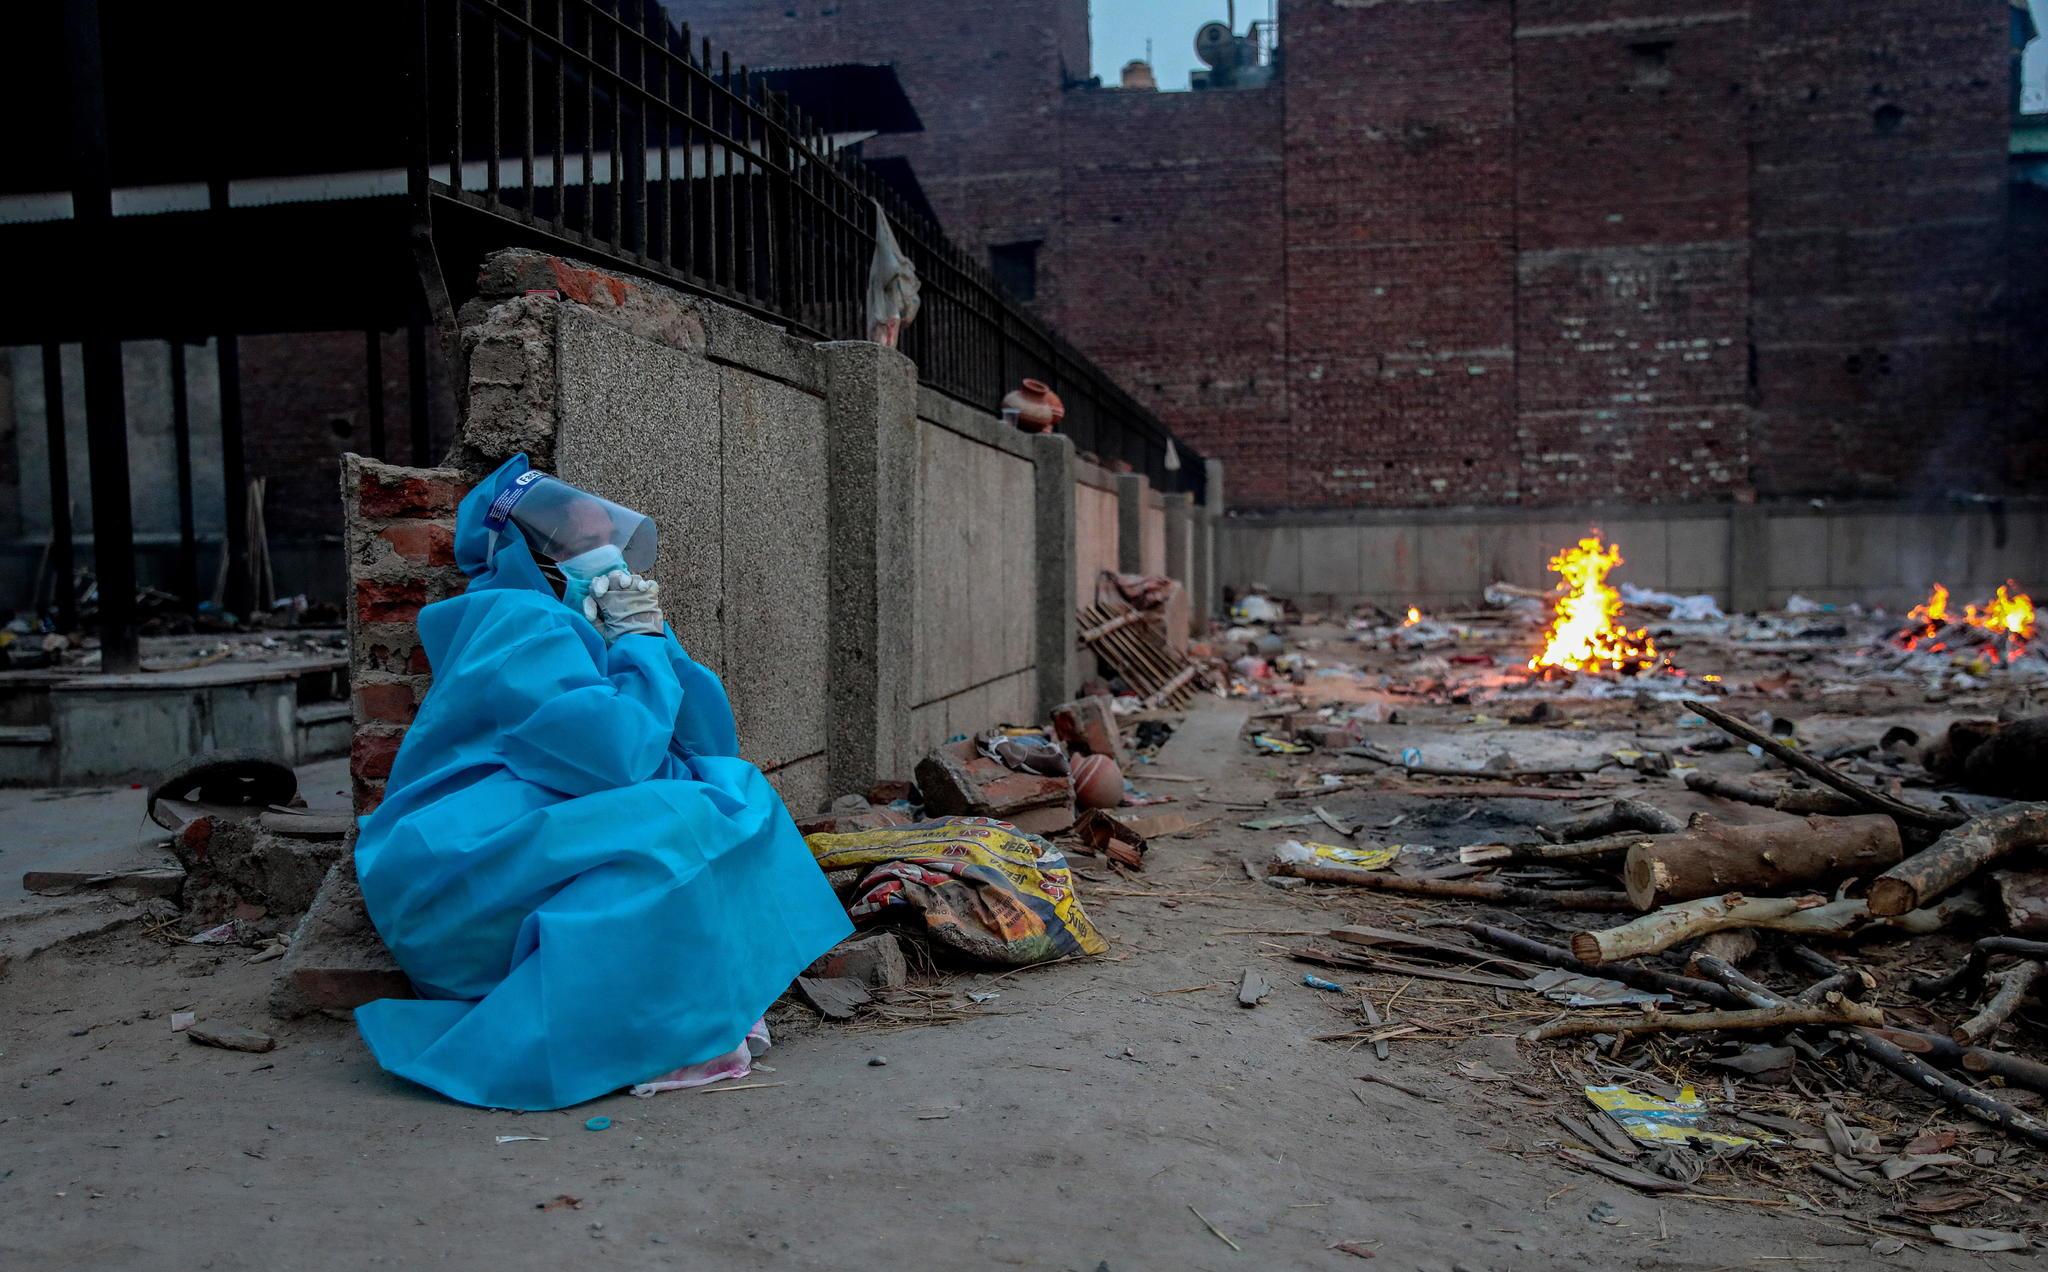 Una persona con EPI despide a un familiar en uno de los crematorios improvisados en Nueva Delhi (India).